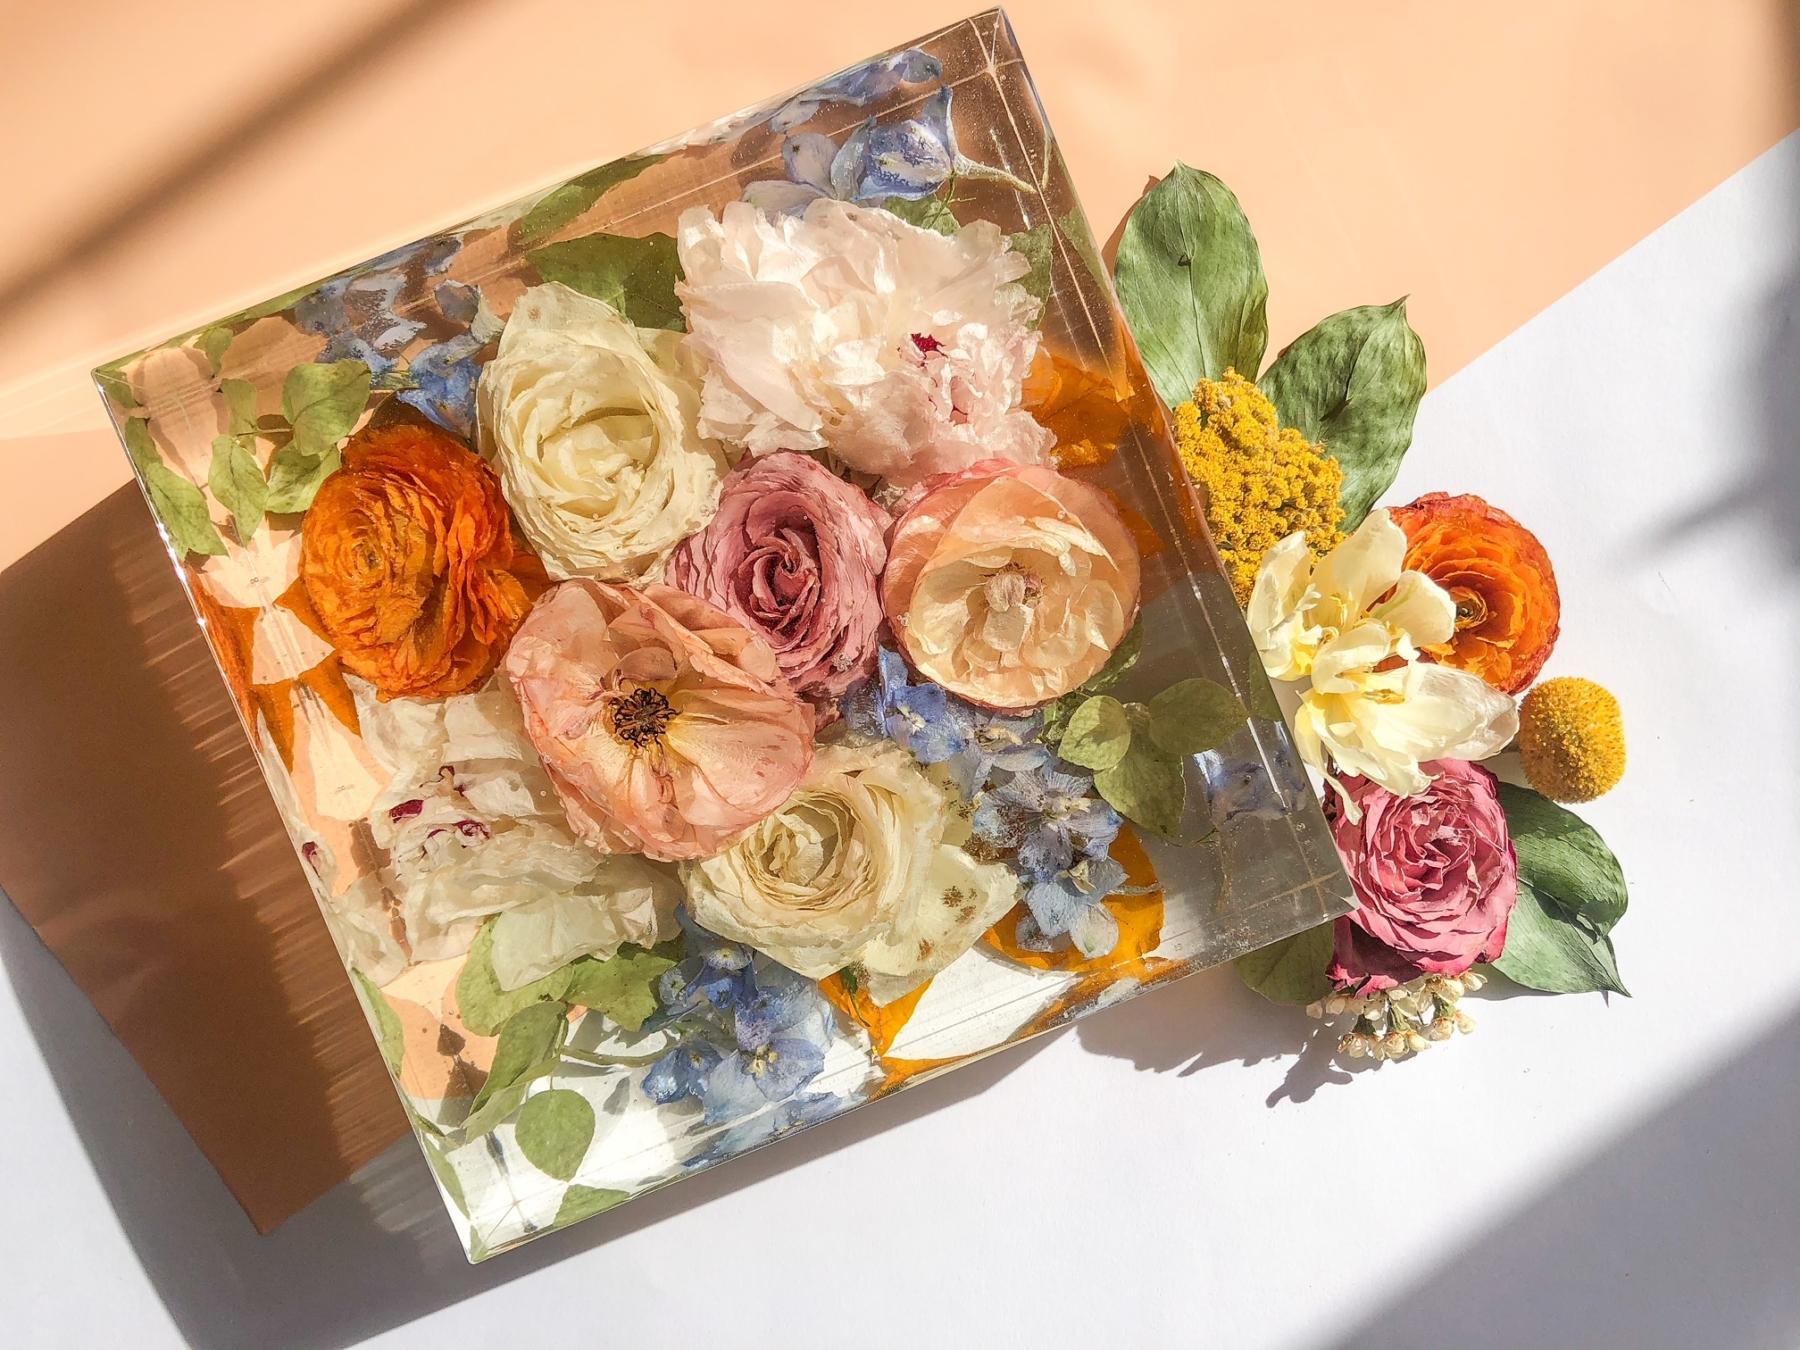 Nashville wedding flower preservation by Amy & I Designs